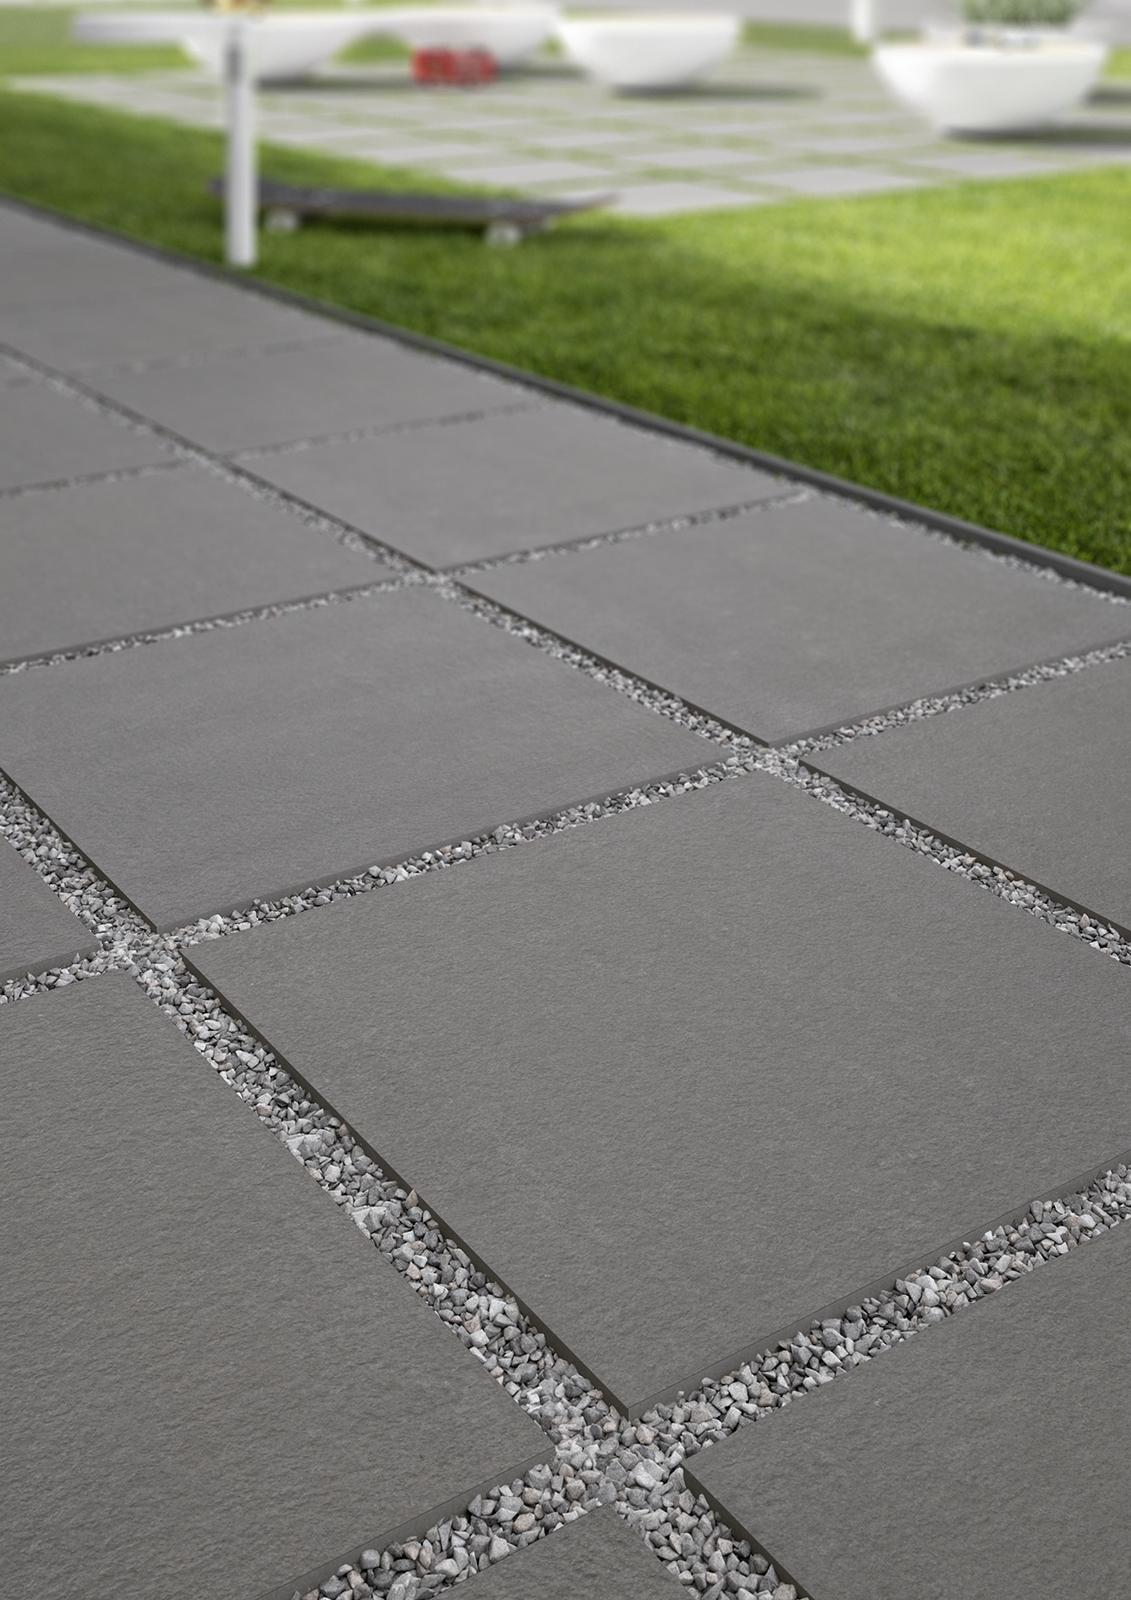 gres porcellanato spessore 20mm marazzi. Black Bedroom Furniture Sets. Home Design Ideas